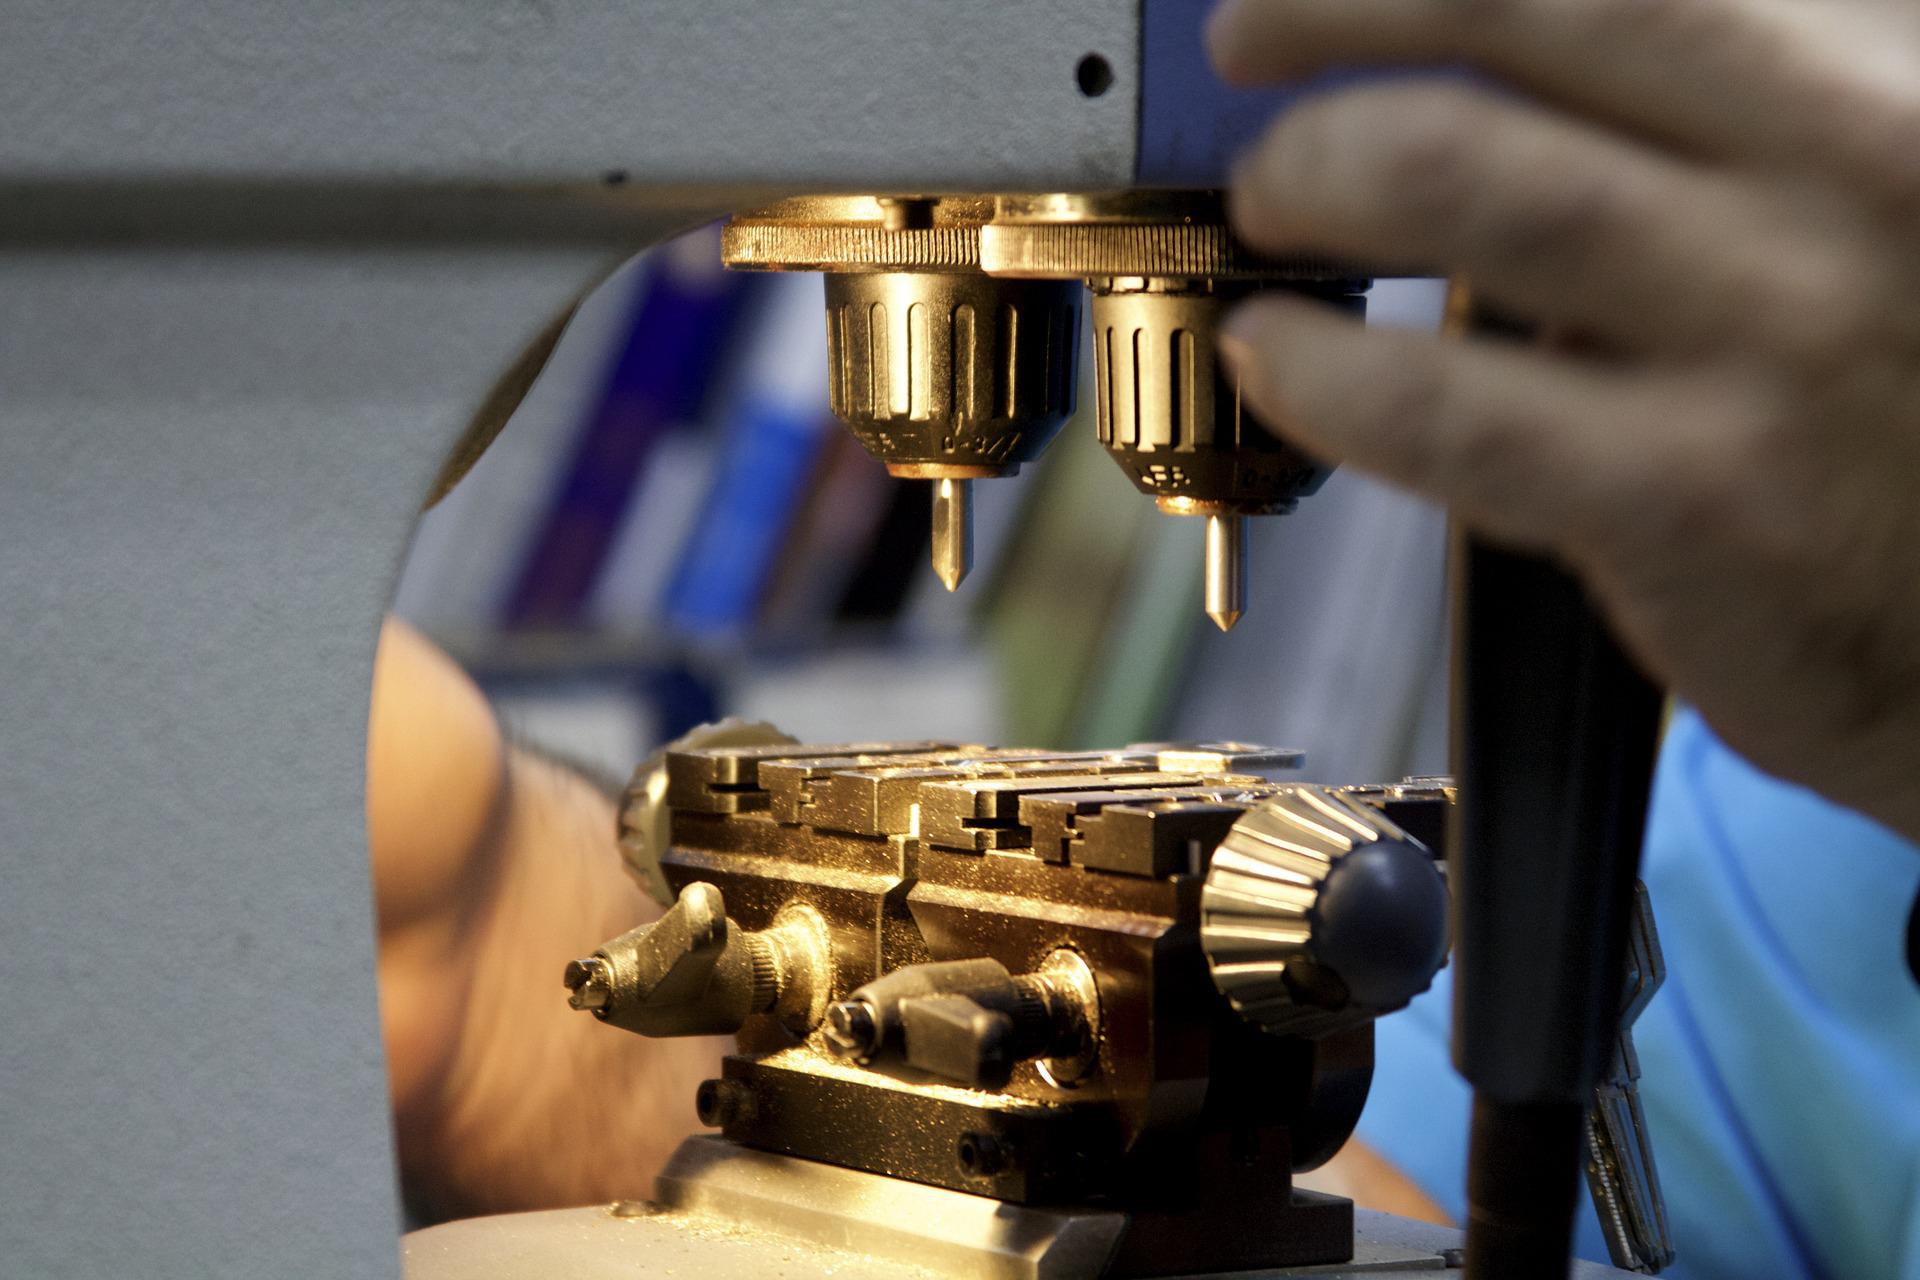 產品機構設計|產品外觀設計|產品設計及製造-技晴產品設計公司